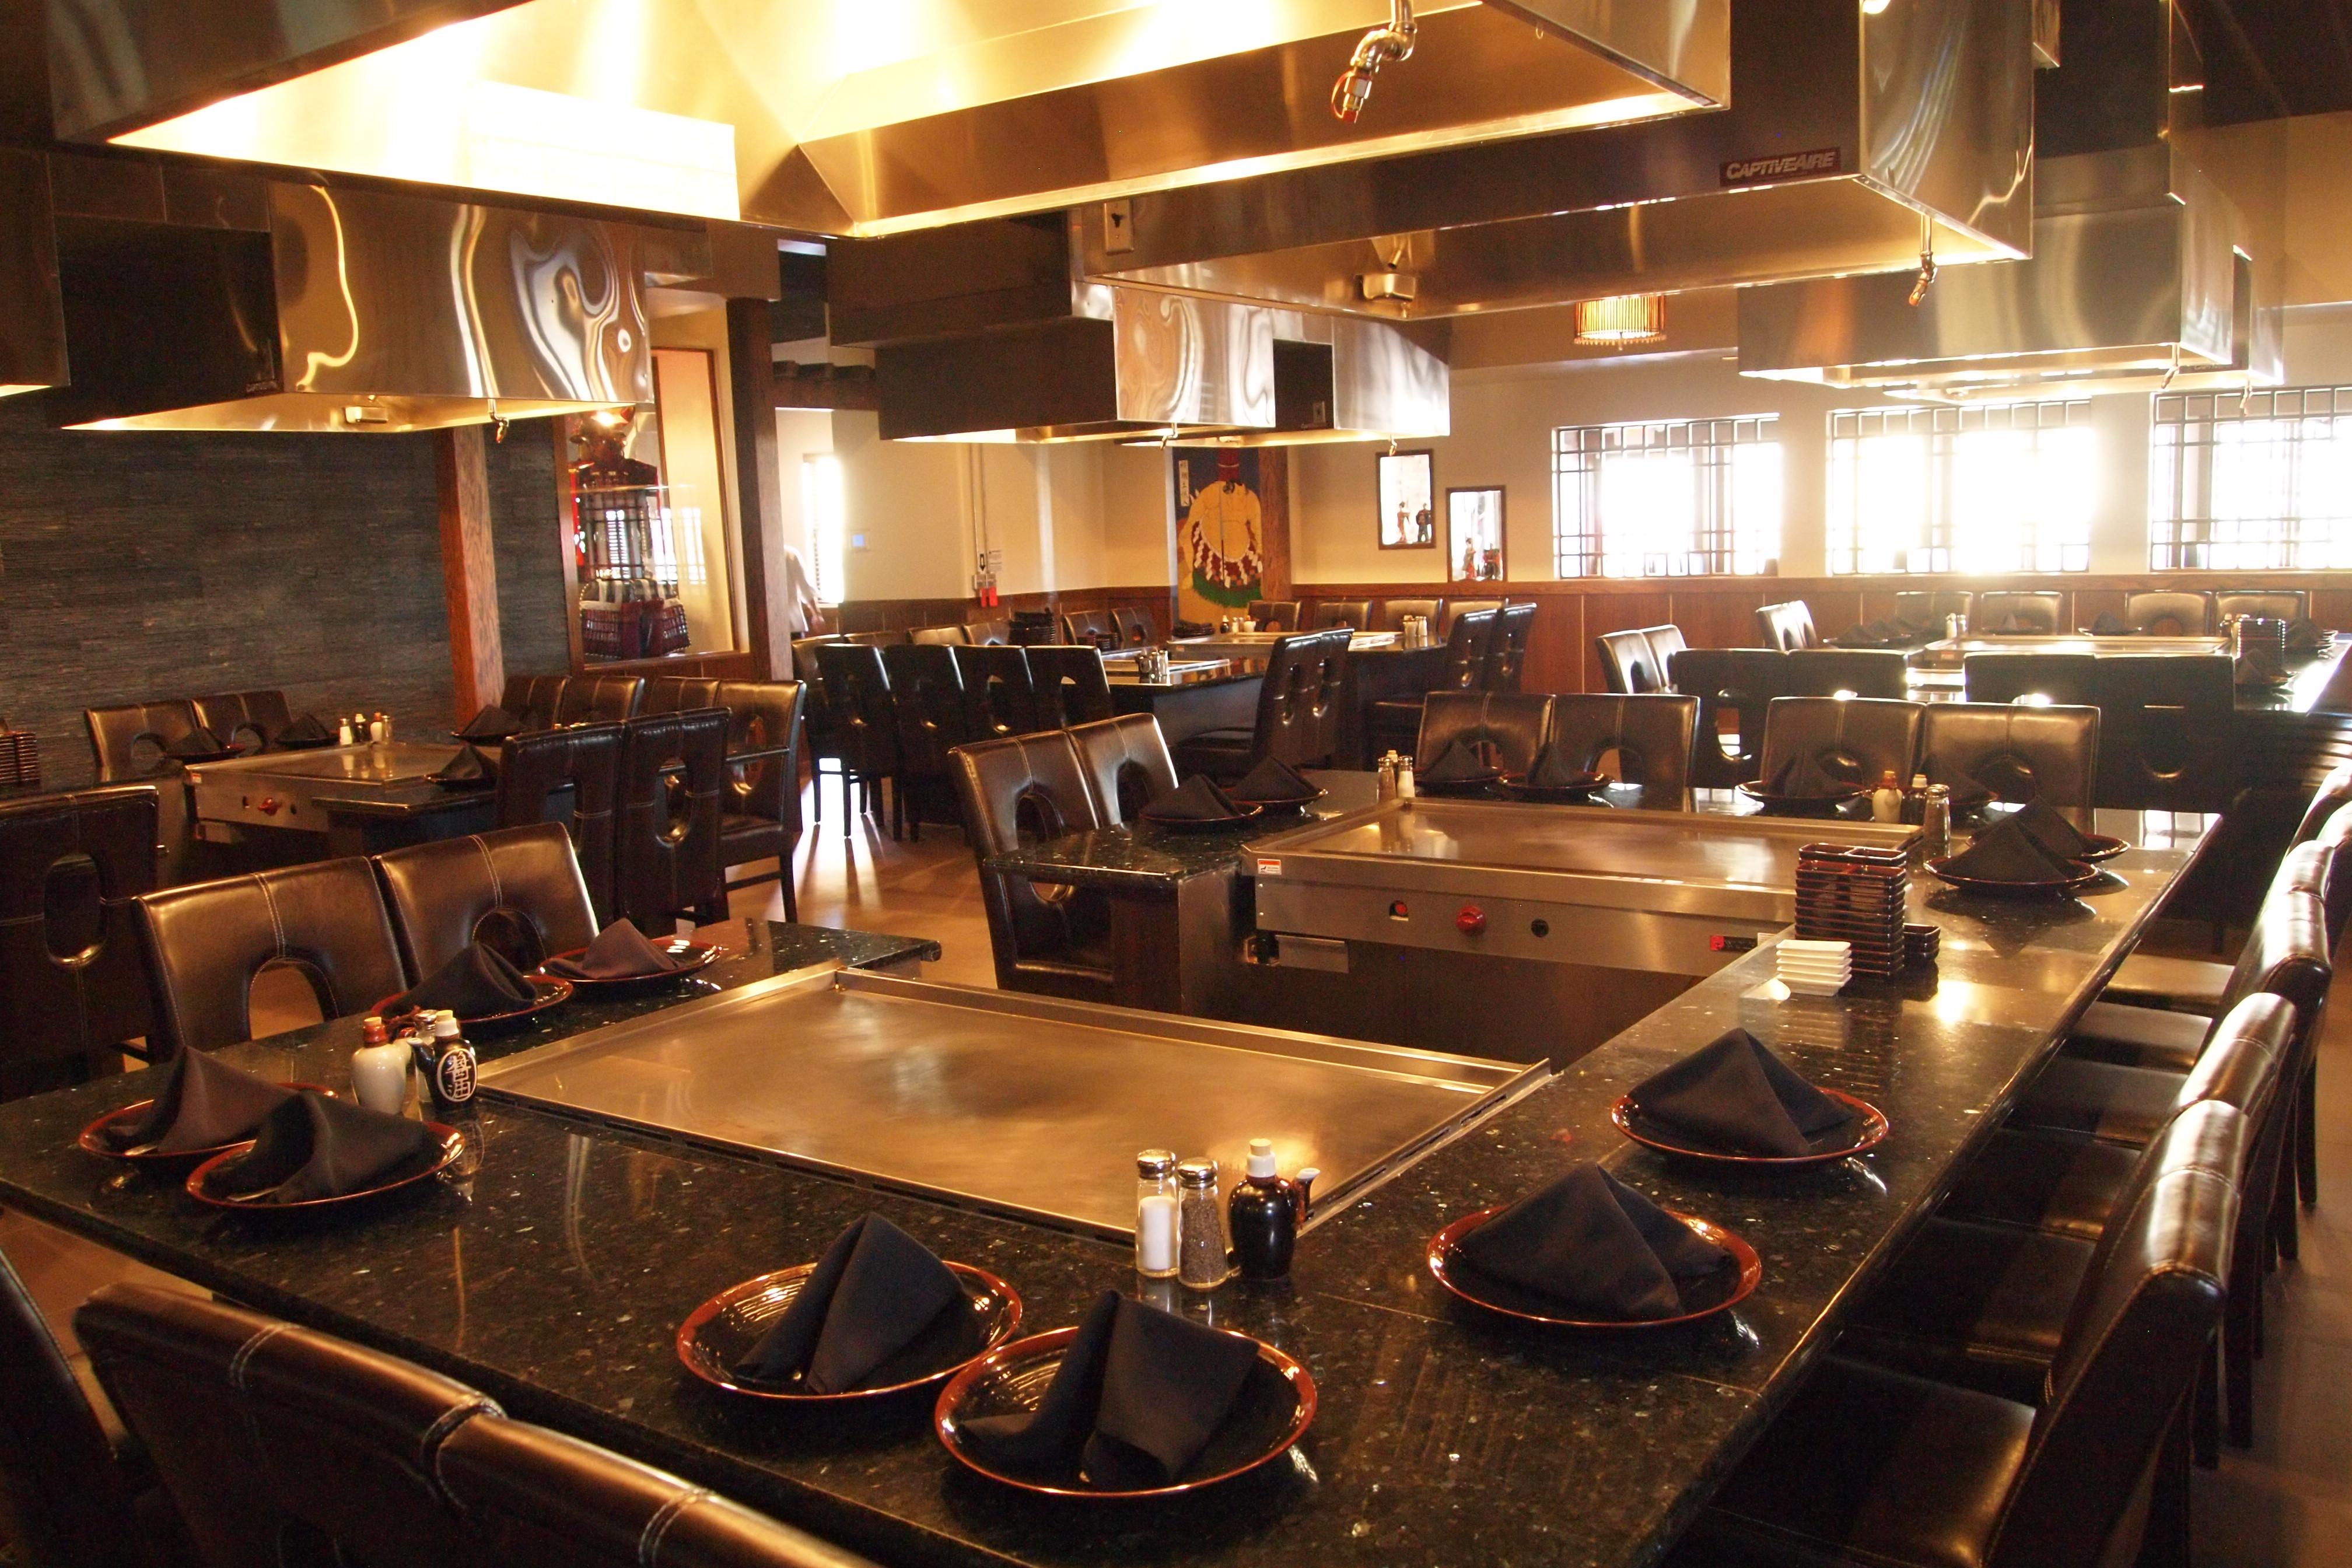 Osaka 4977 28th St SE, Grand Rapids, MI 49512 - YP.com